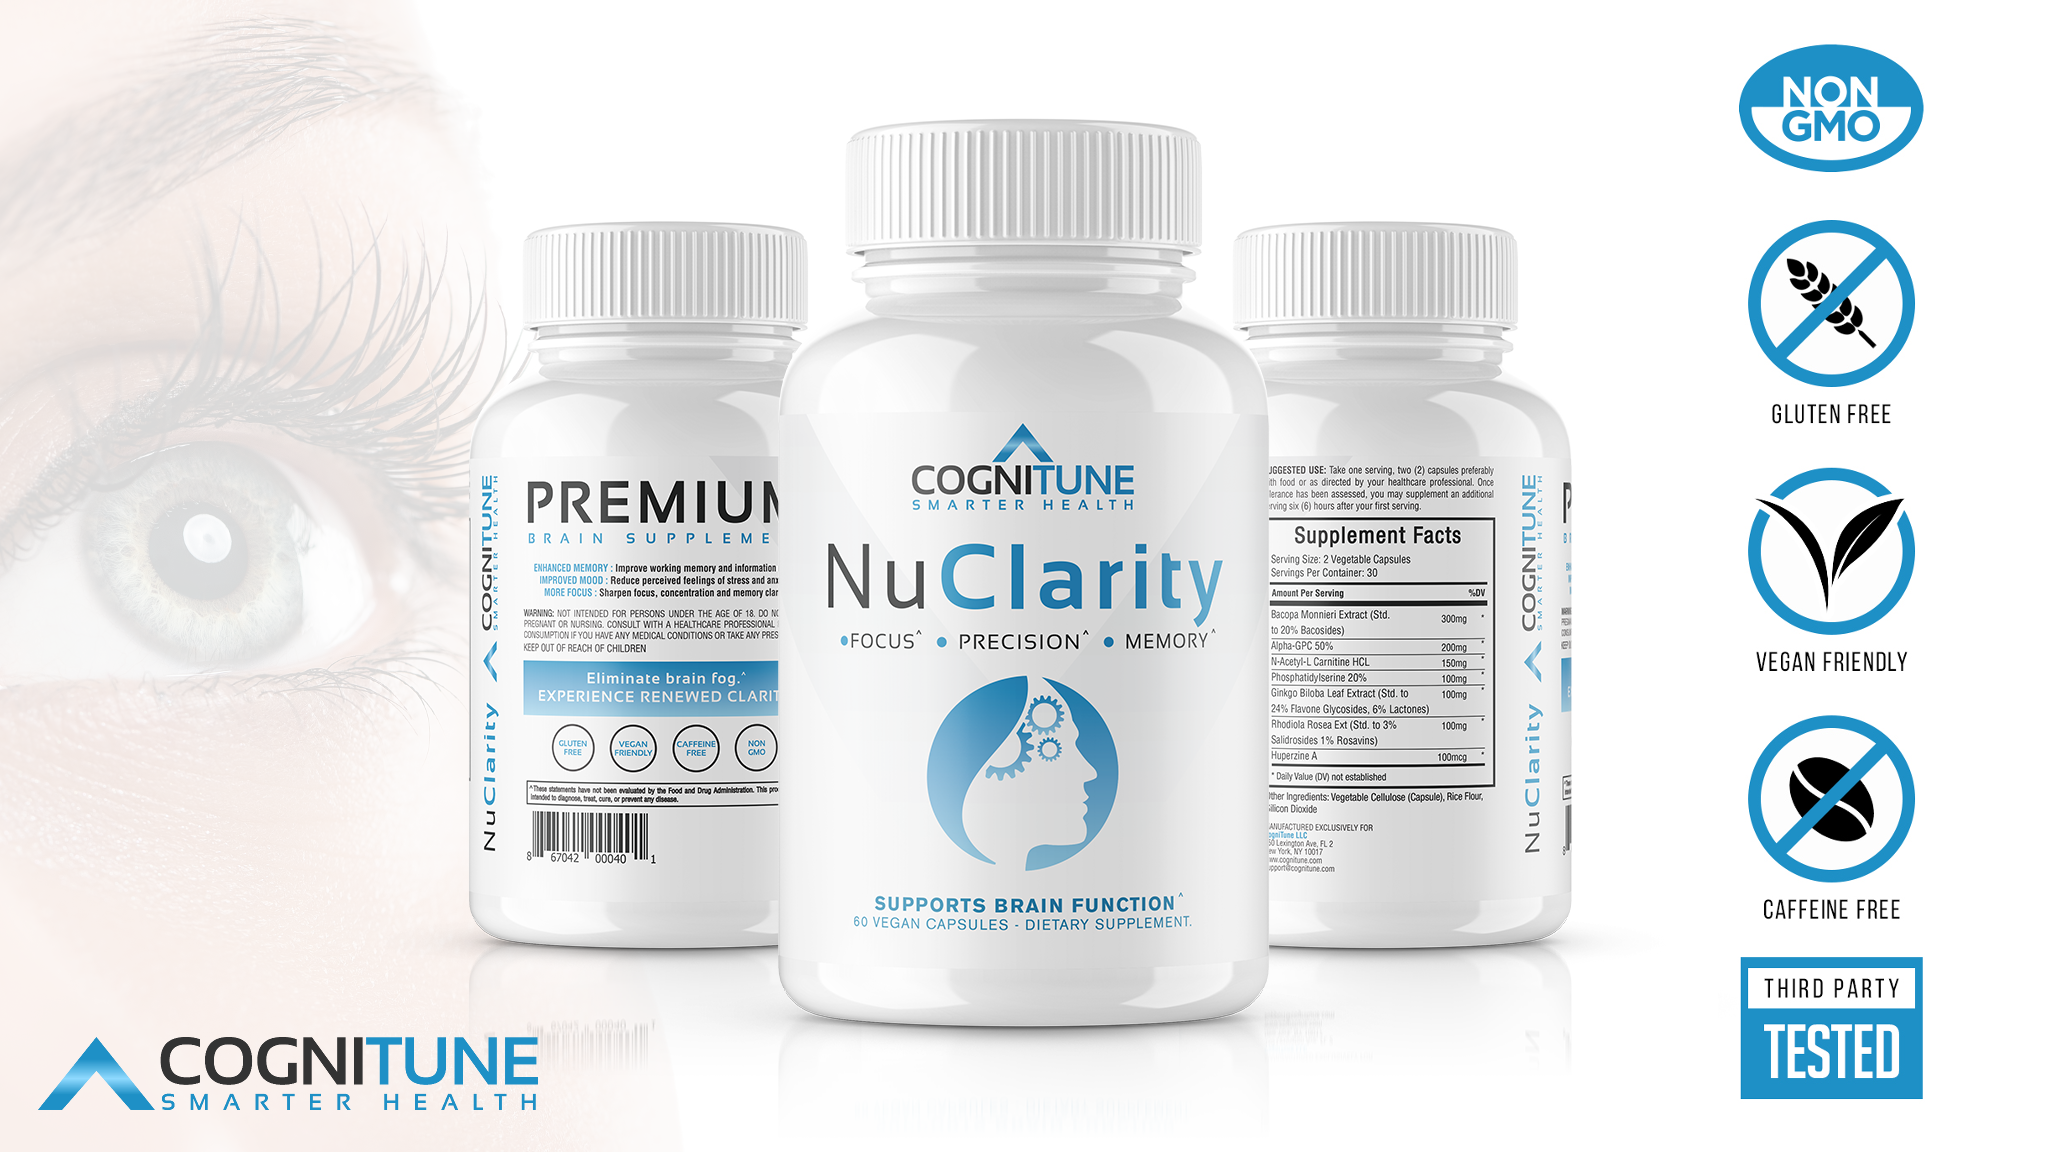 Nuclarity Premium Natural Brain Function Supplement Nootropics